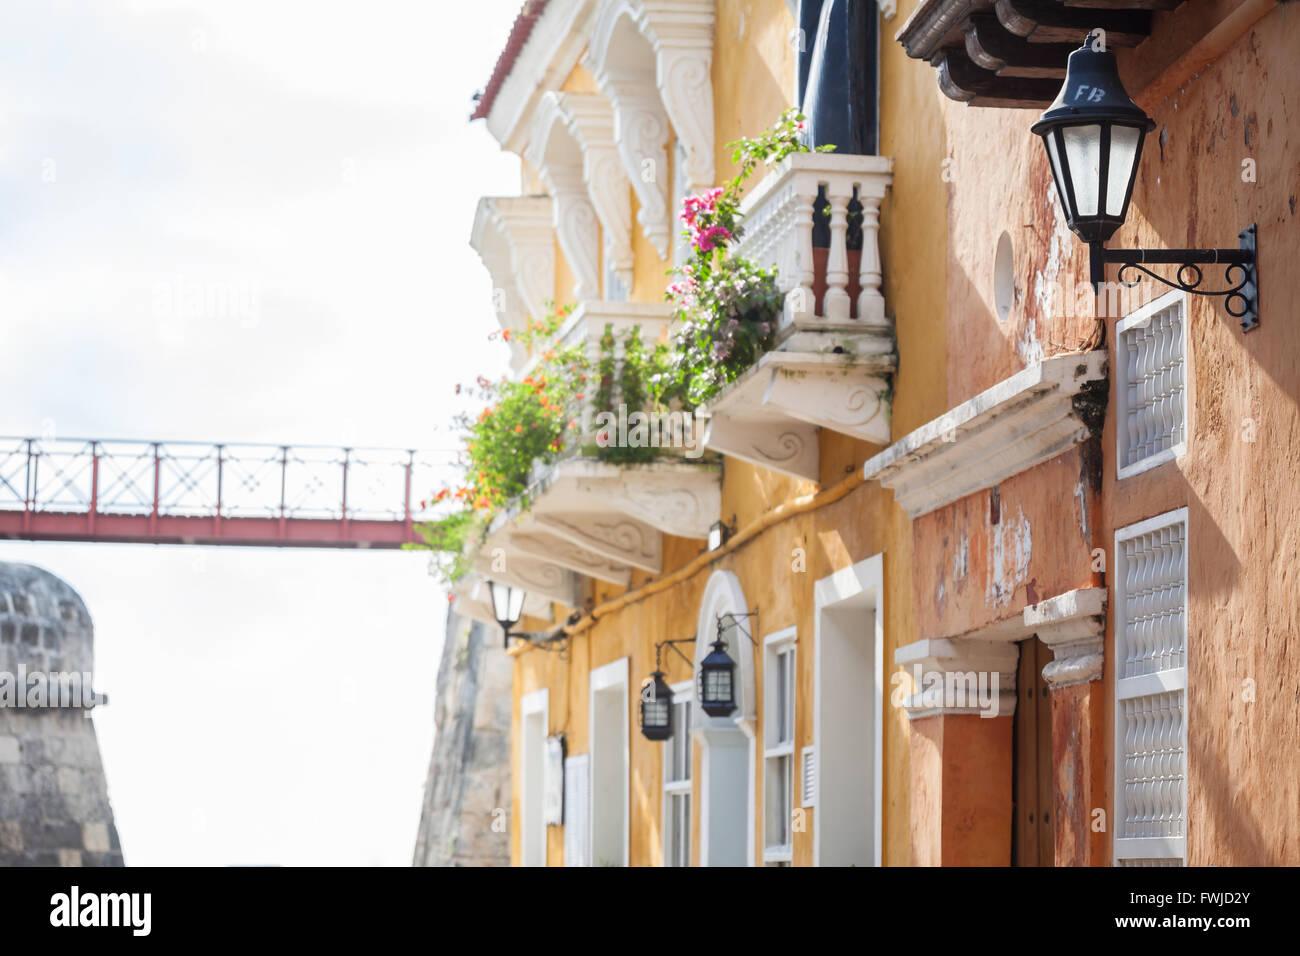 Facade of a house, bridge and wall in Cartagena de Indias - Stock Image